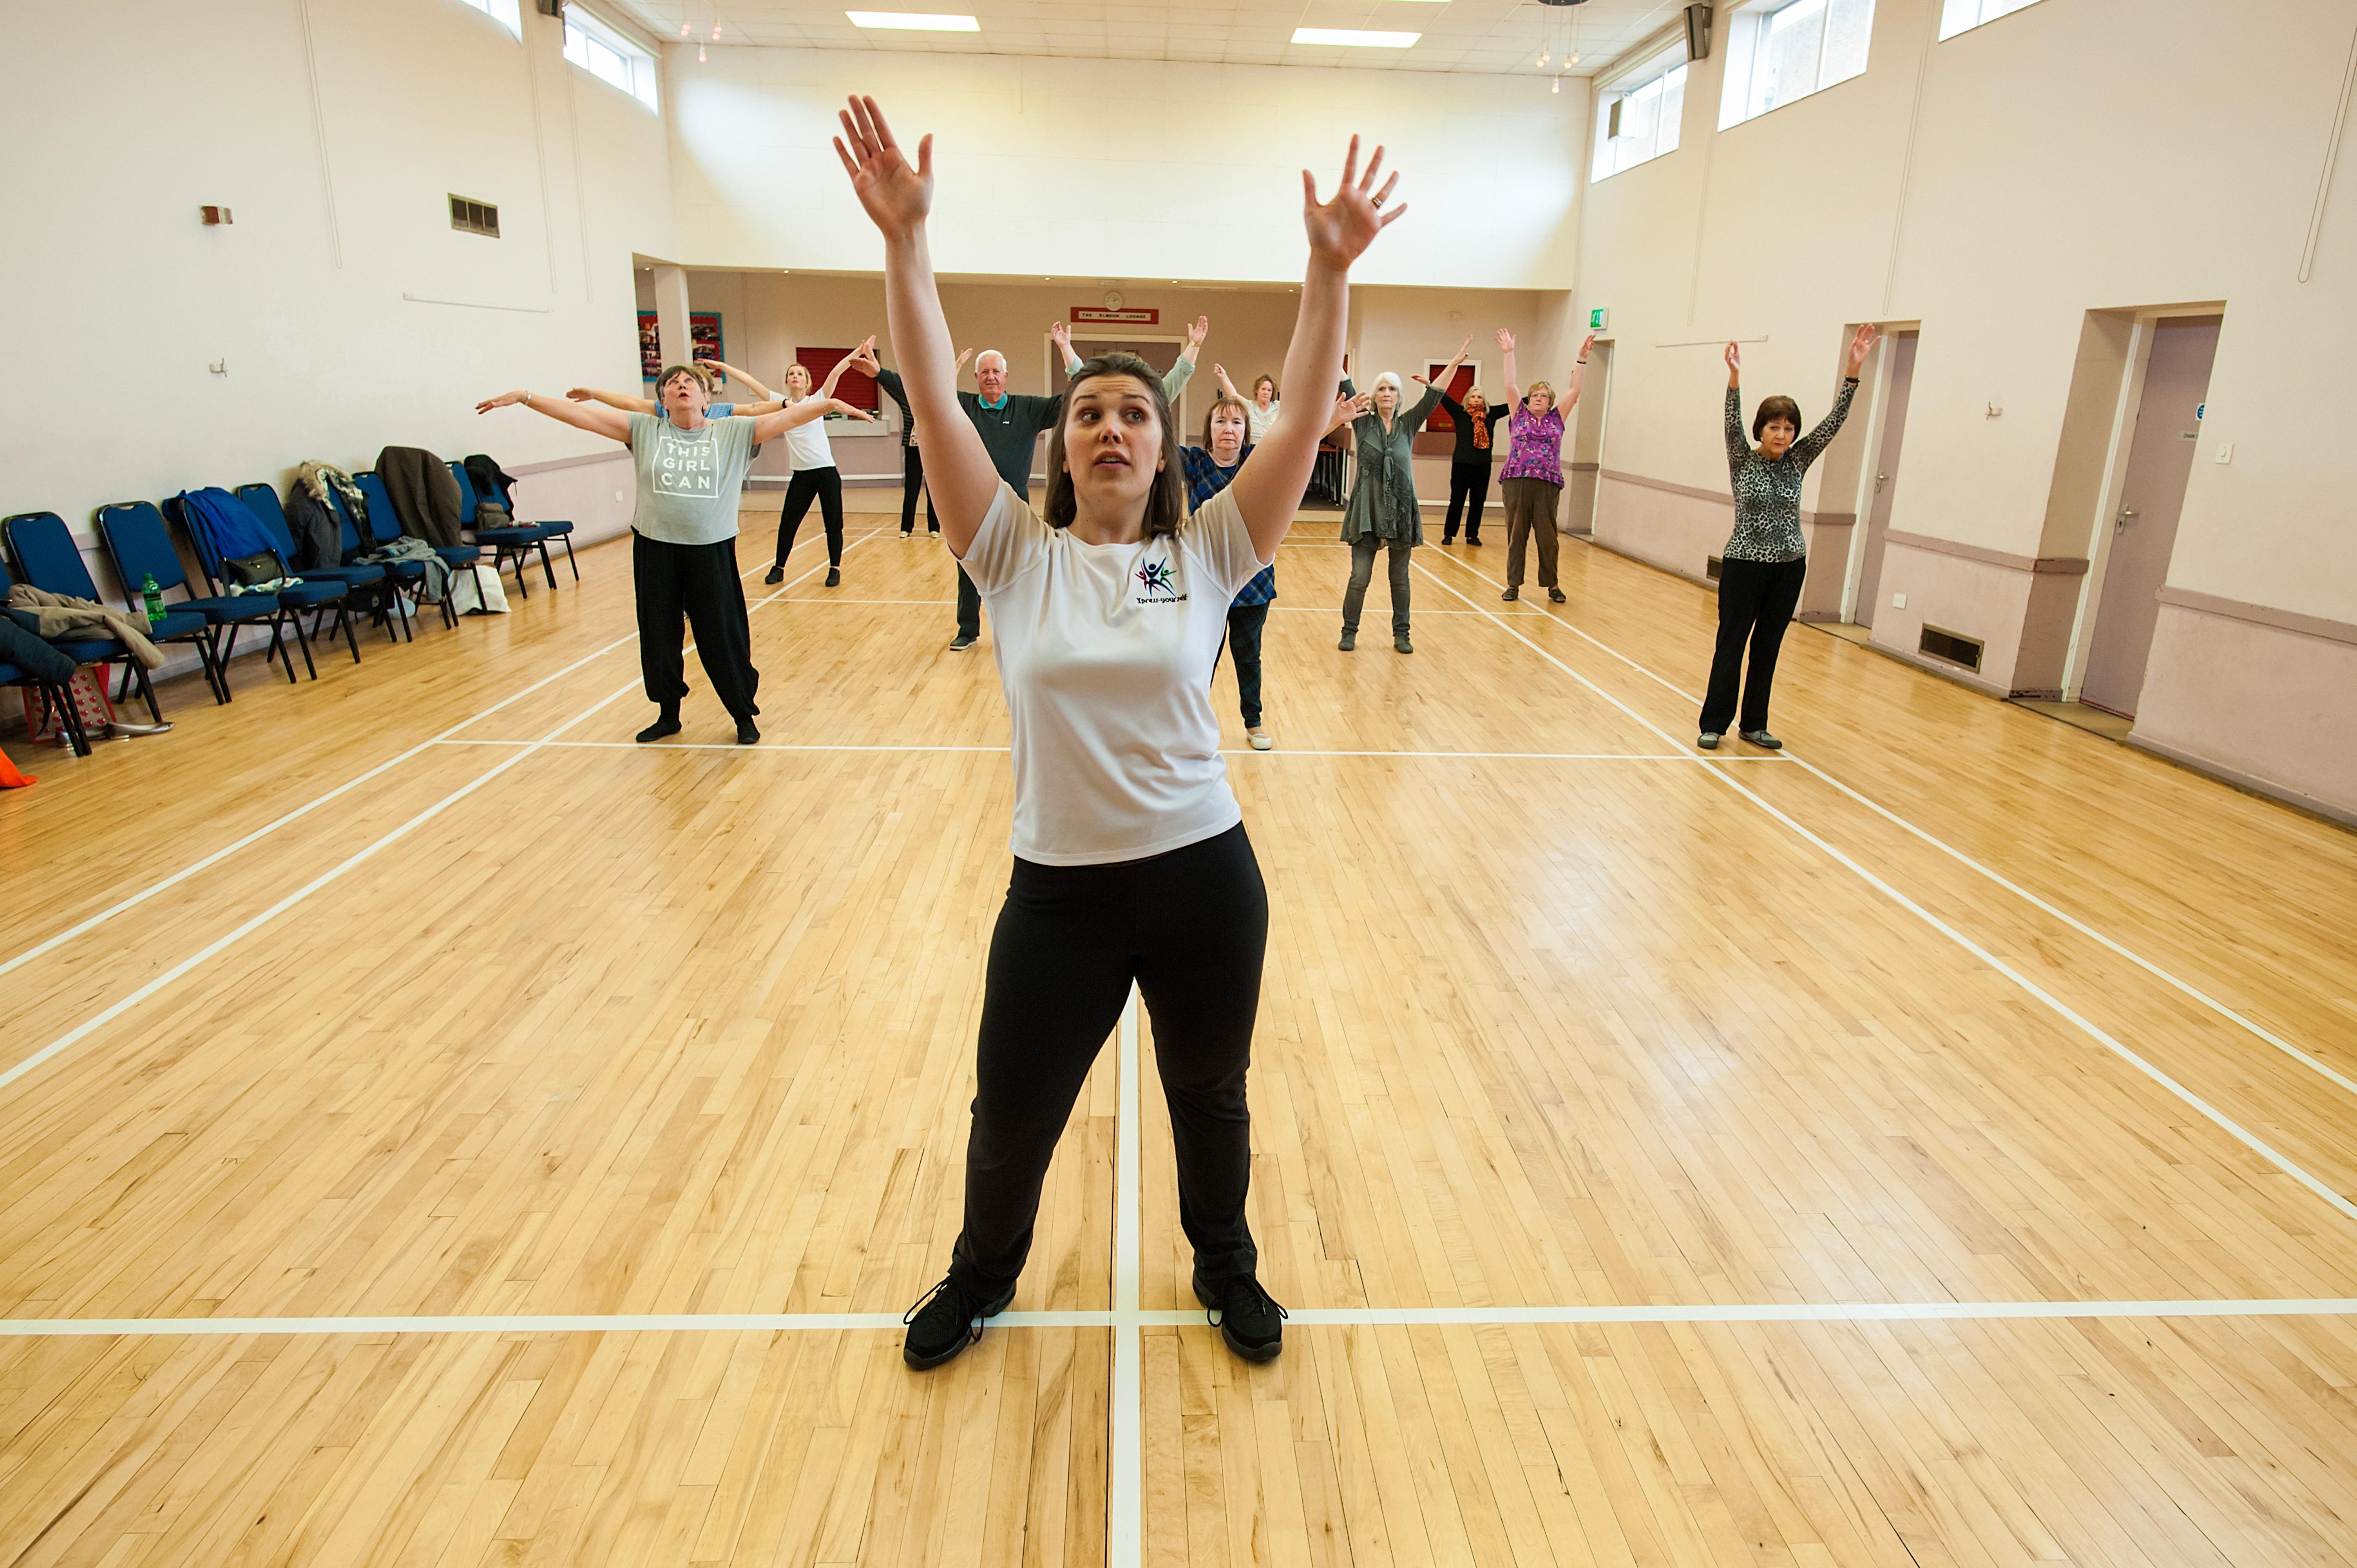 Over 60s dance class West Midlands